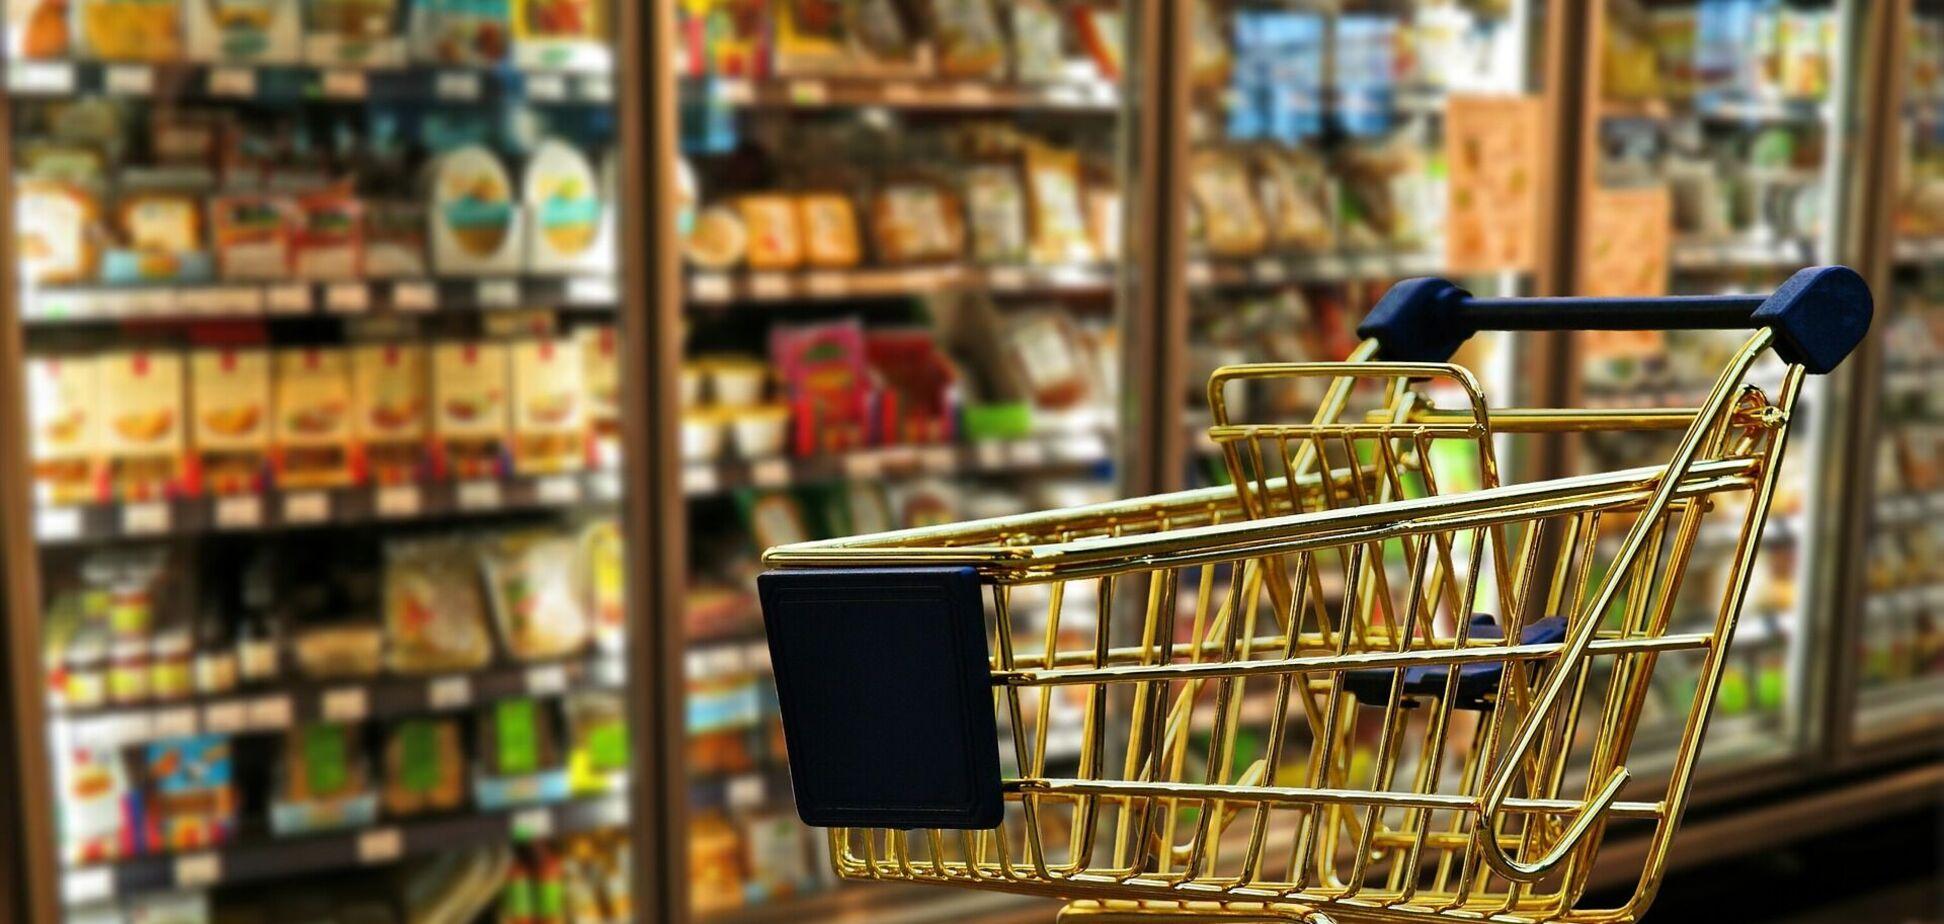 Європі загрожує продовольча криза